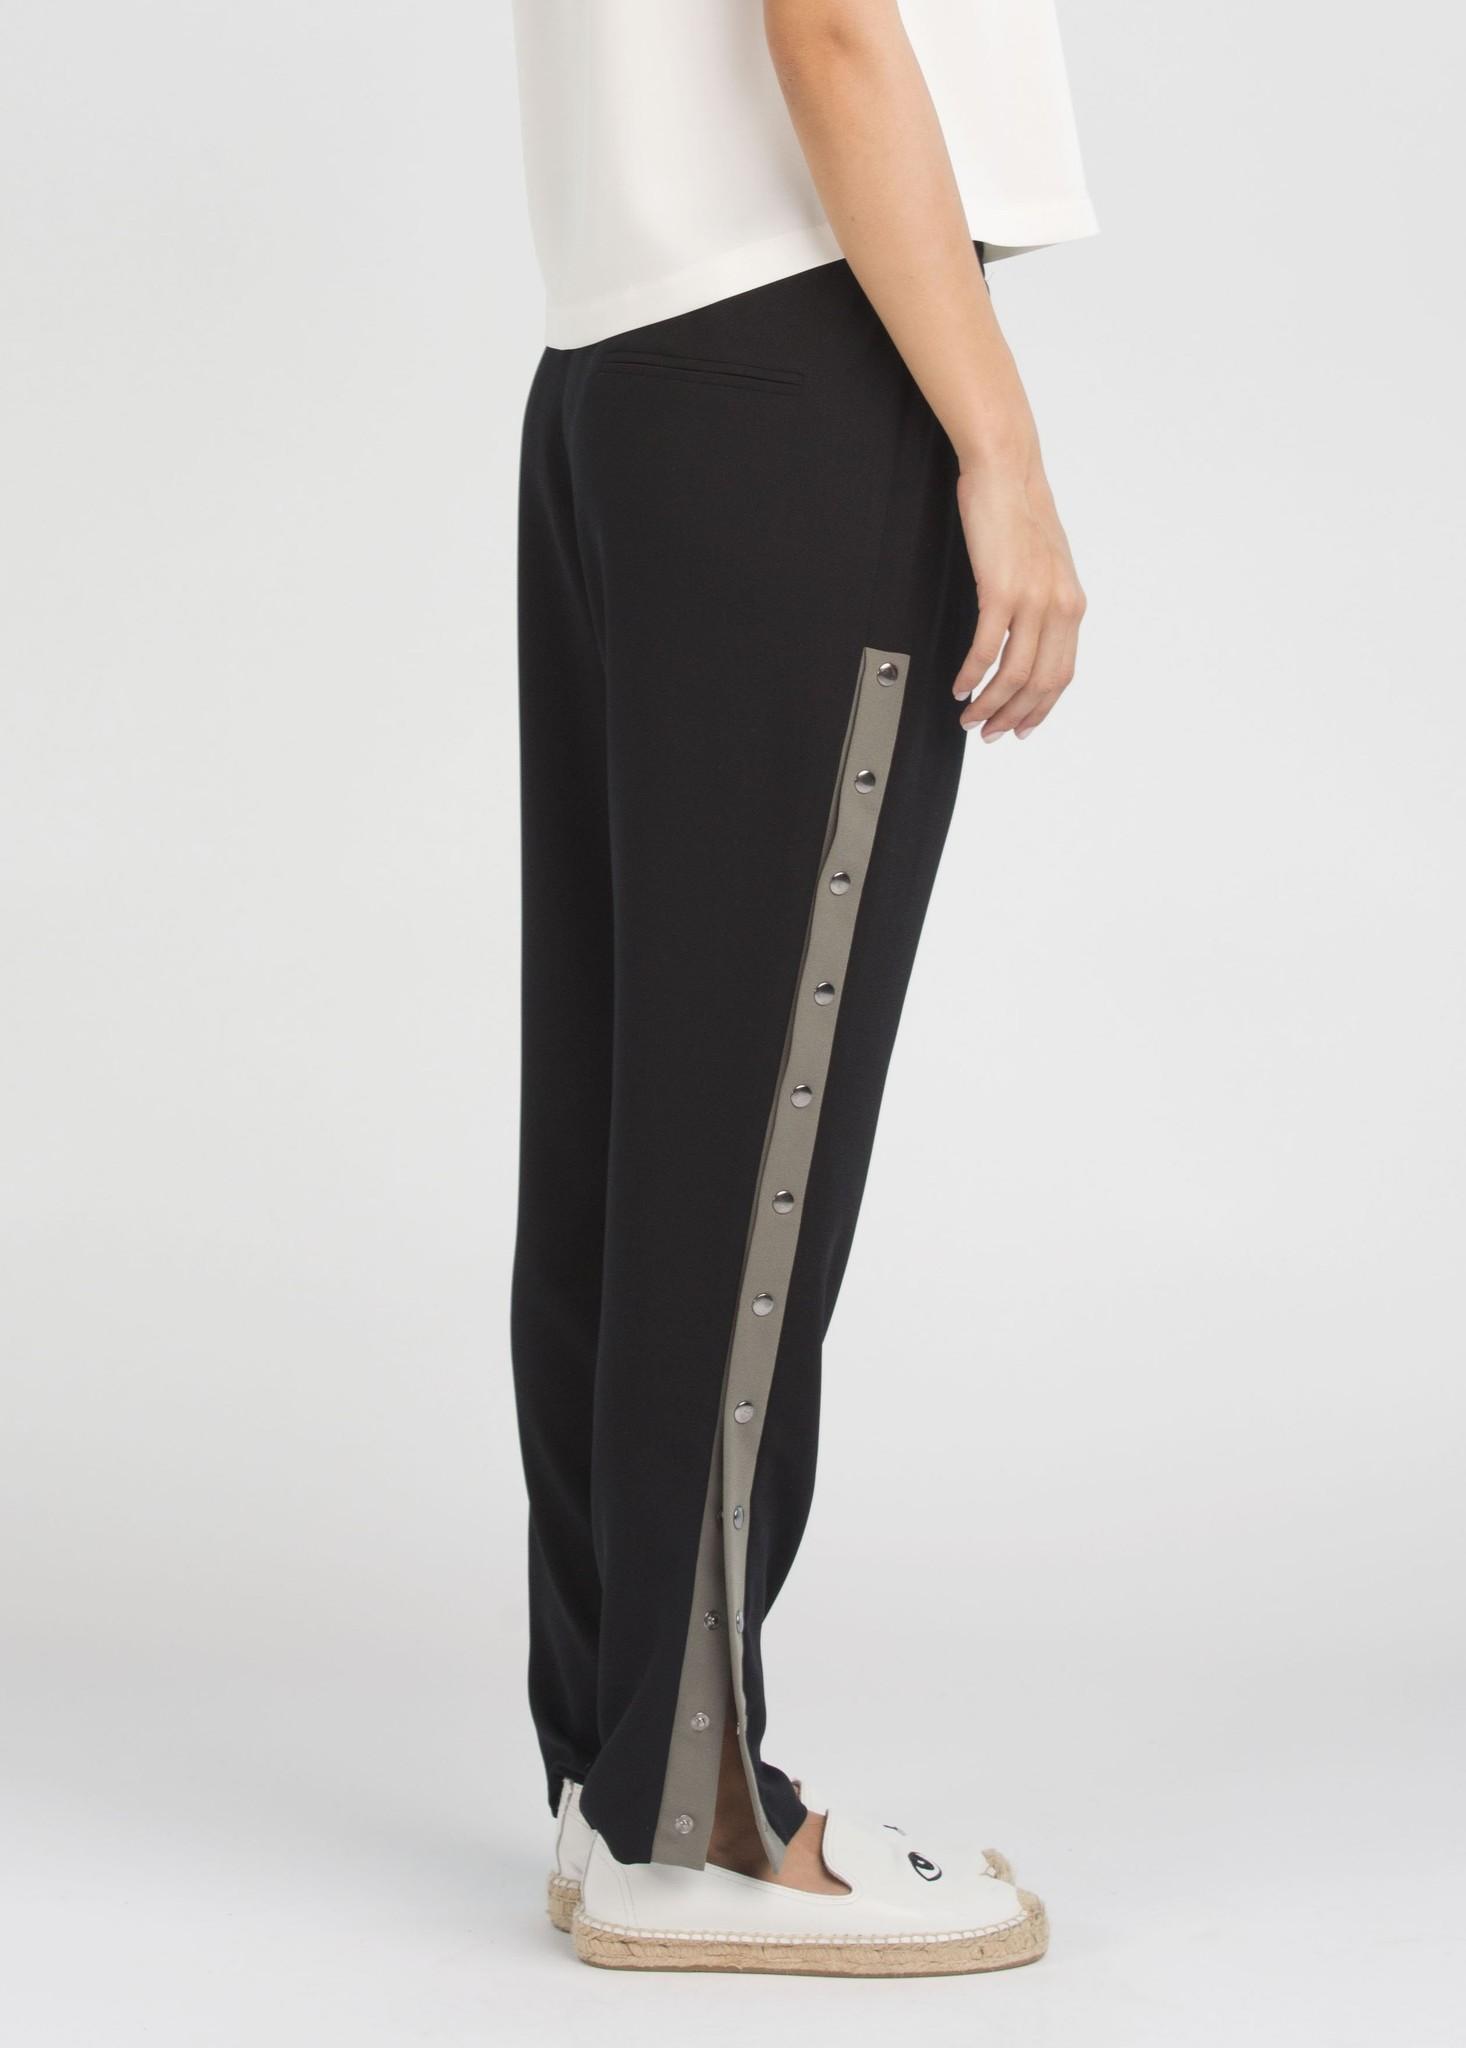 Arzu Gurbuz Penny Pants - Black/Khaki